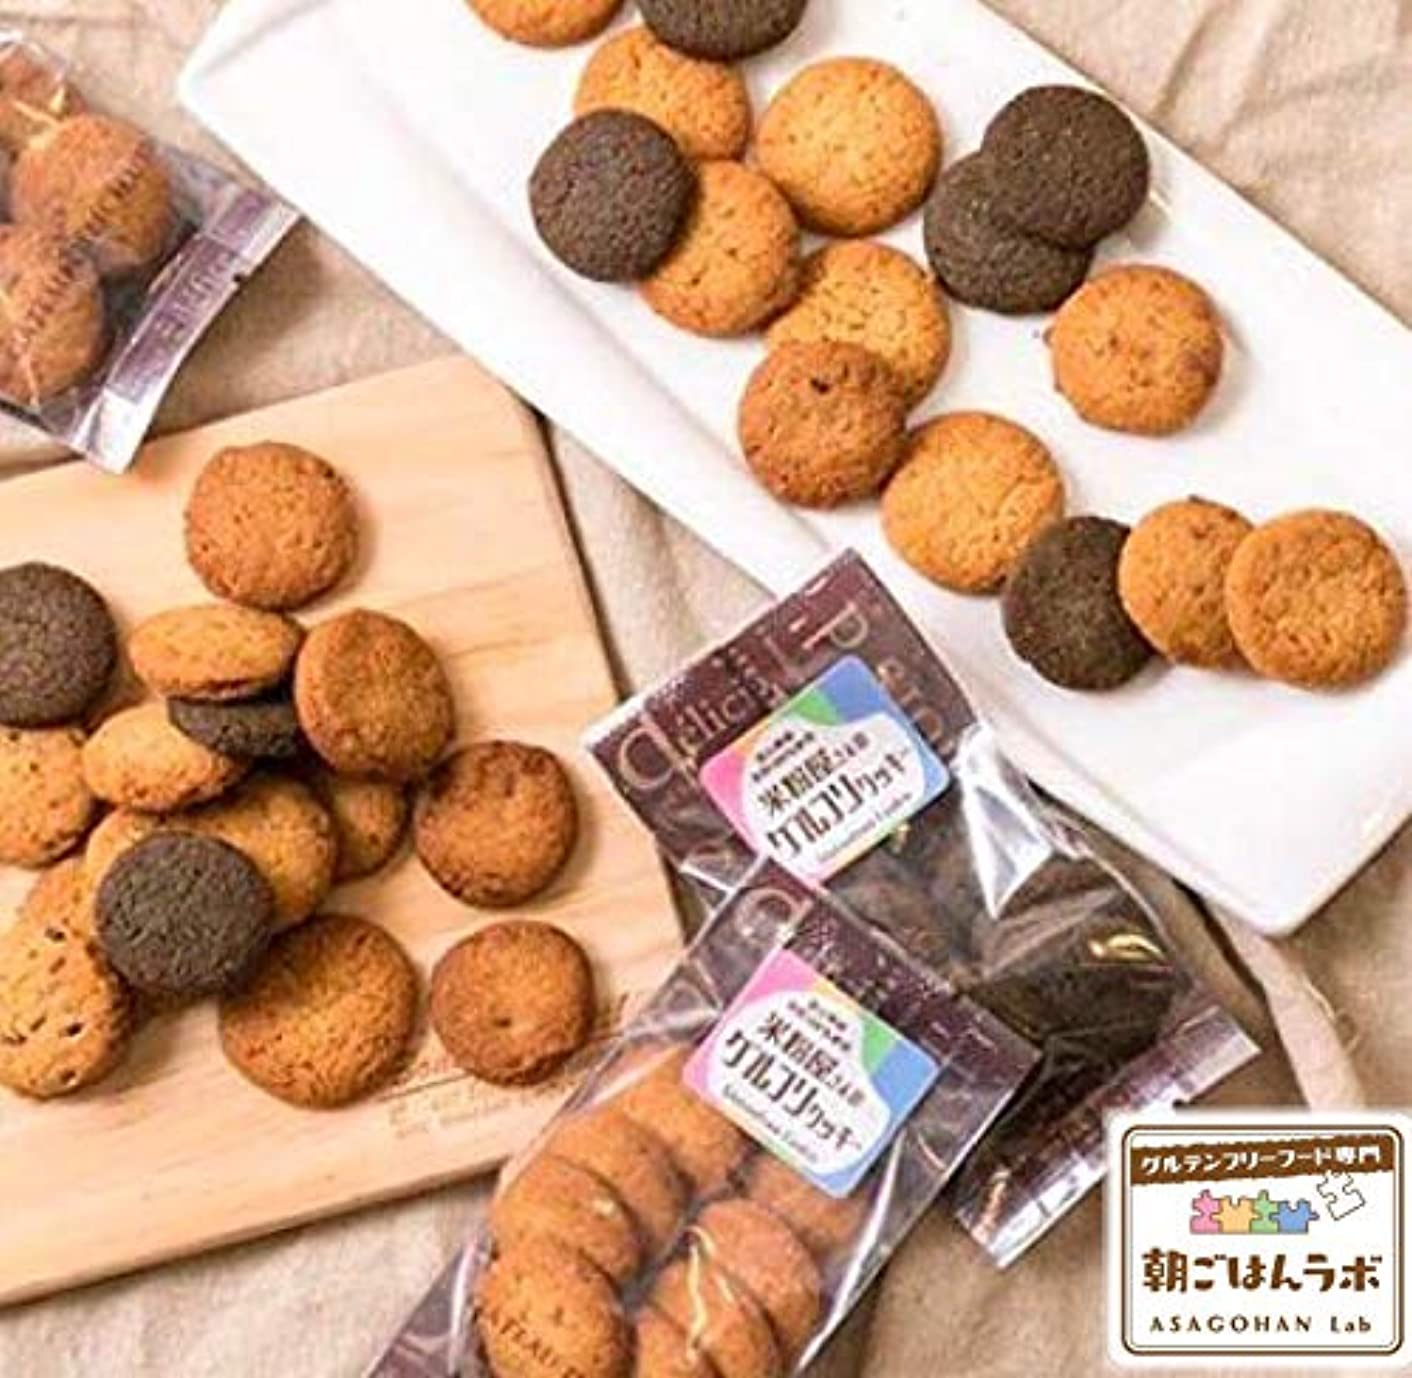 ぐったり集計雲米粉屋さんのグルフリクッキー  (小袋 8袋) グルテンフリー 朝ごはんラボ